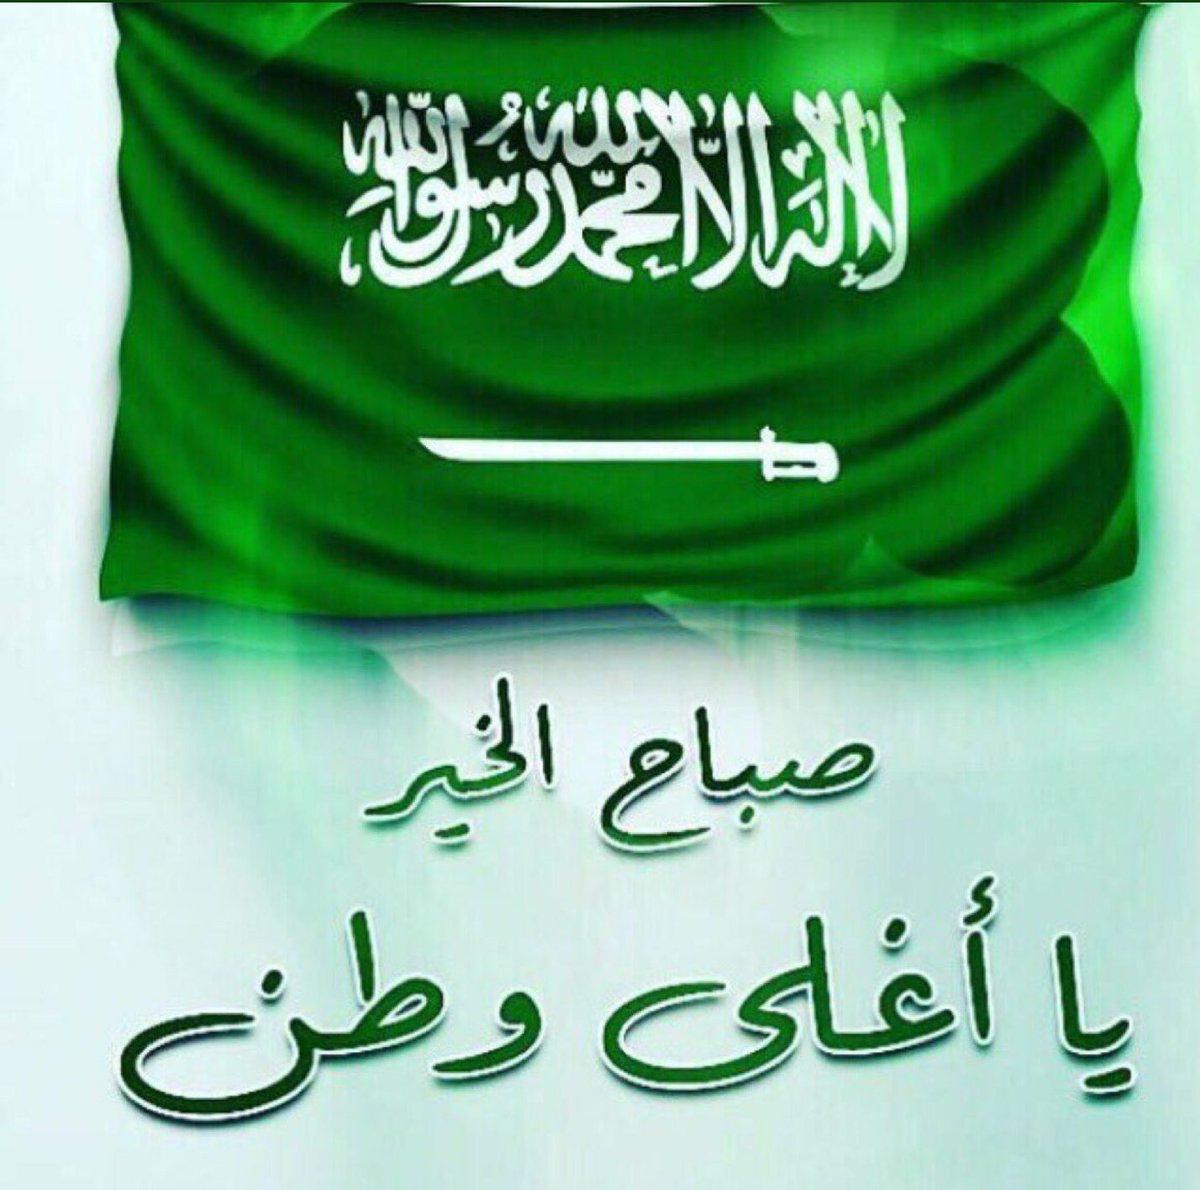 سارعي للمجد والعلياء عشت فخر المسلمين